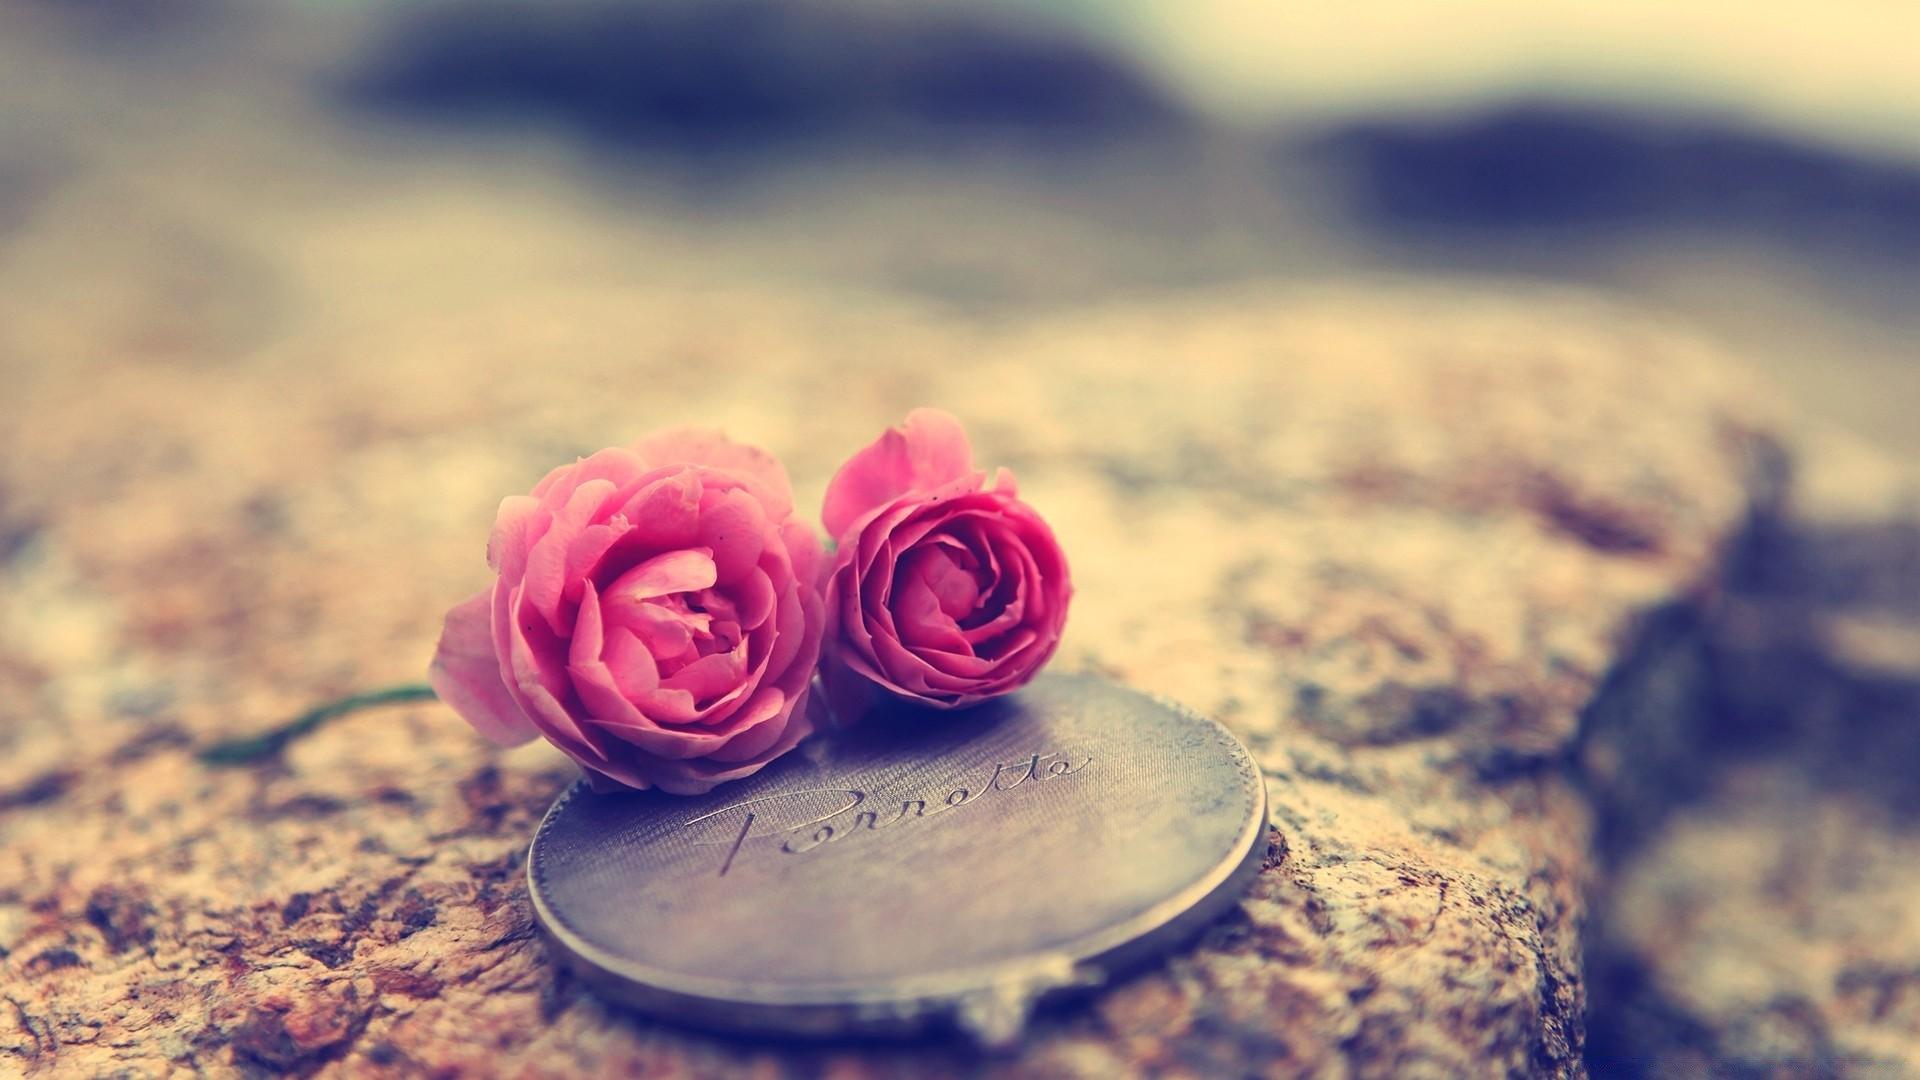 Мне, красивые картинки цветы для статуса со смыслом